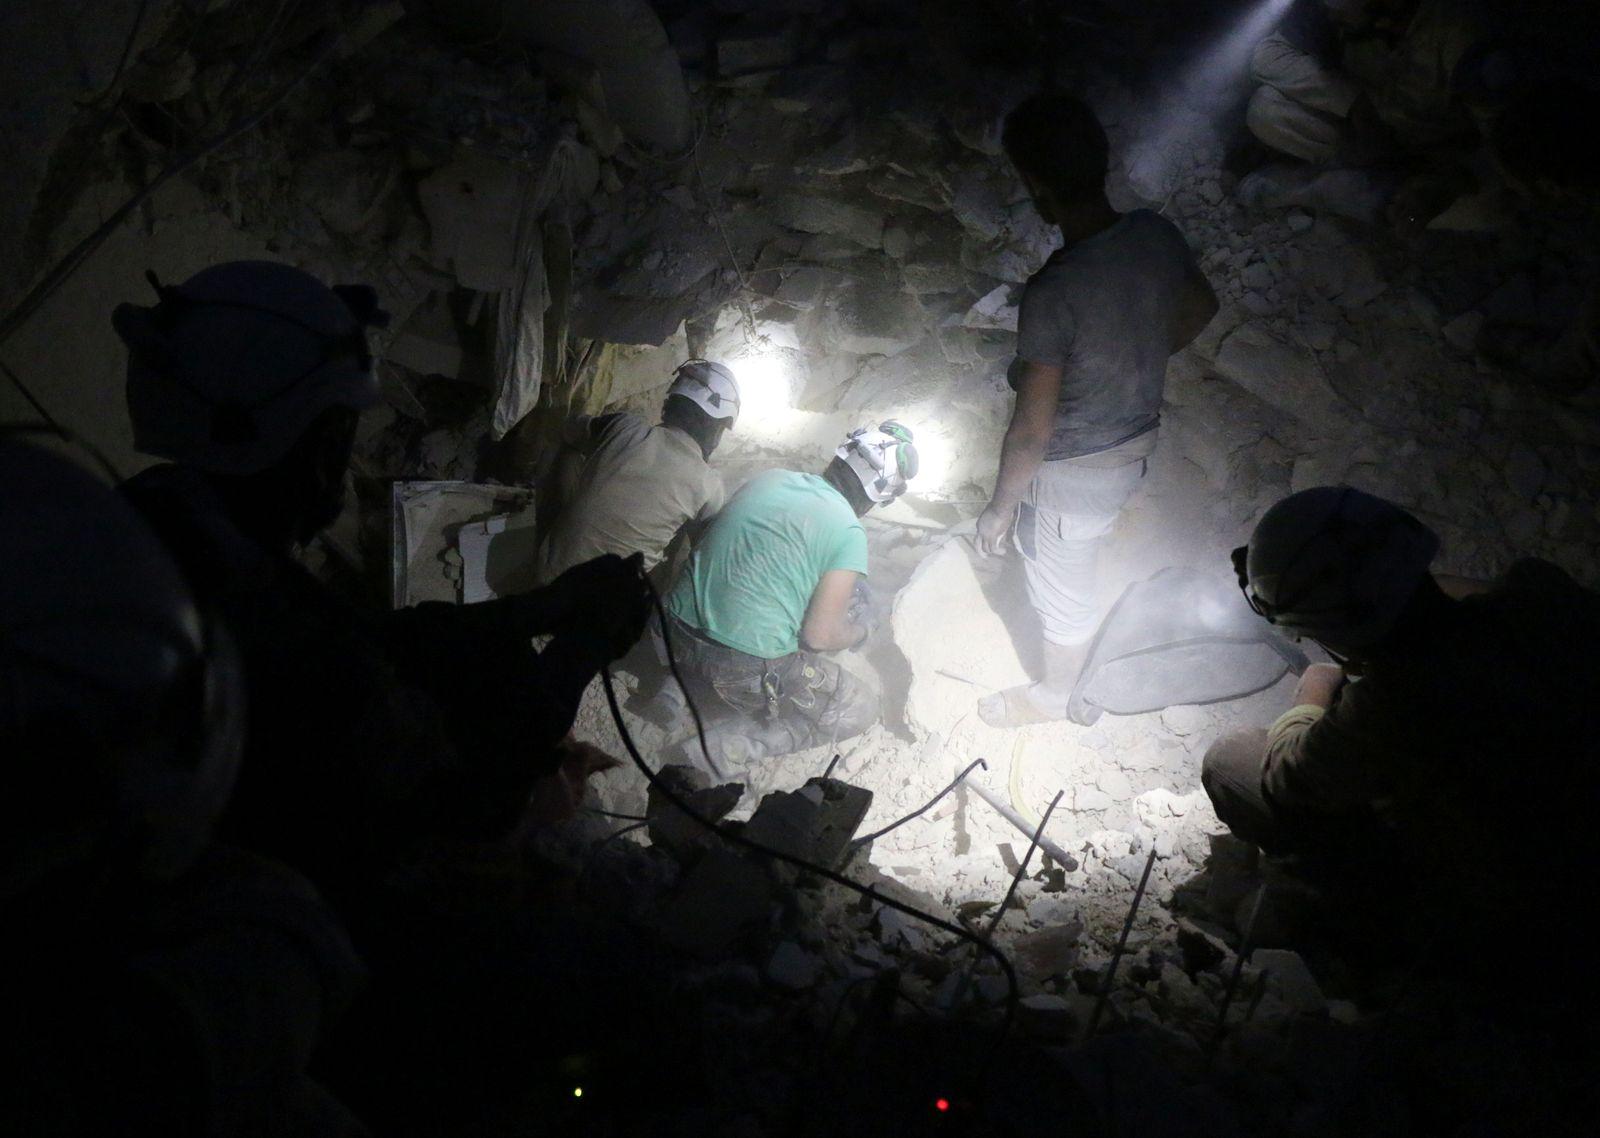 Syrien/ Aleppo/ White Helmets